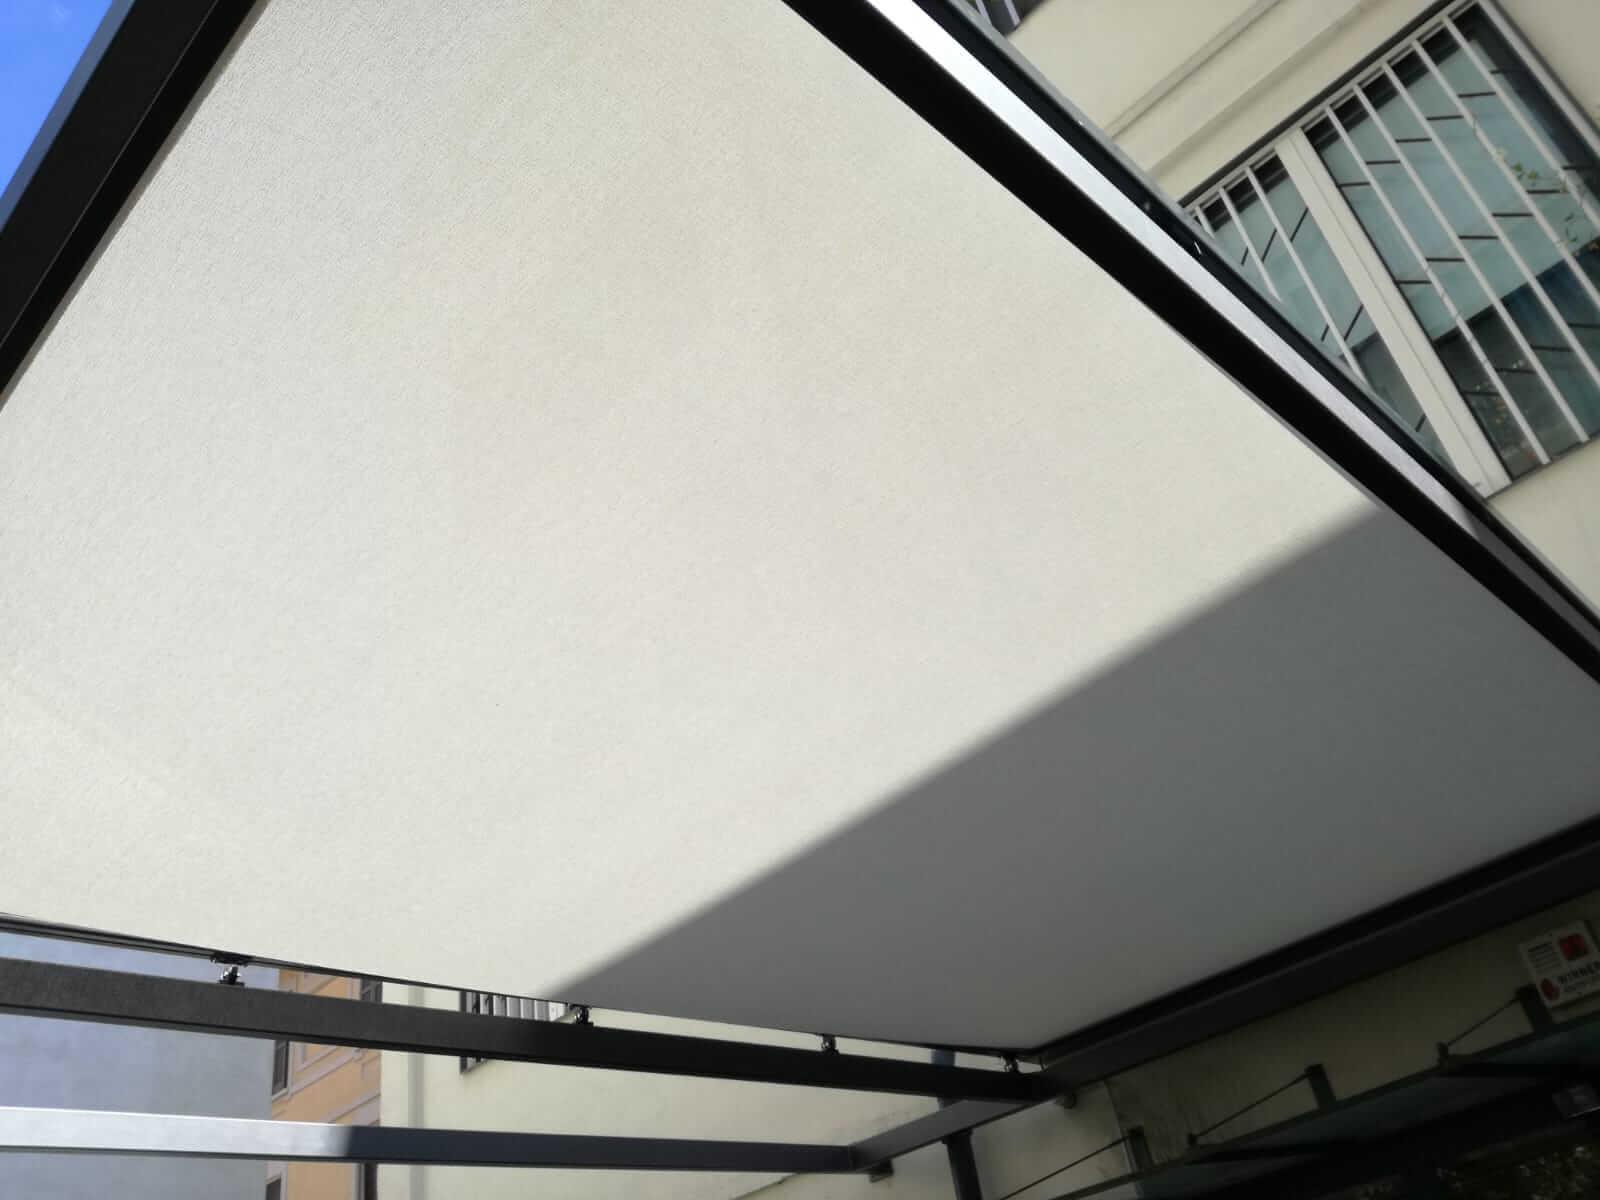 Tenda per veranda motorizzata - Milano